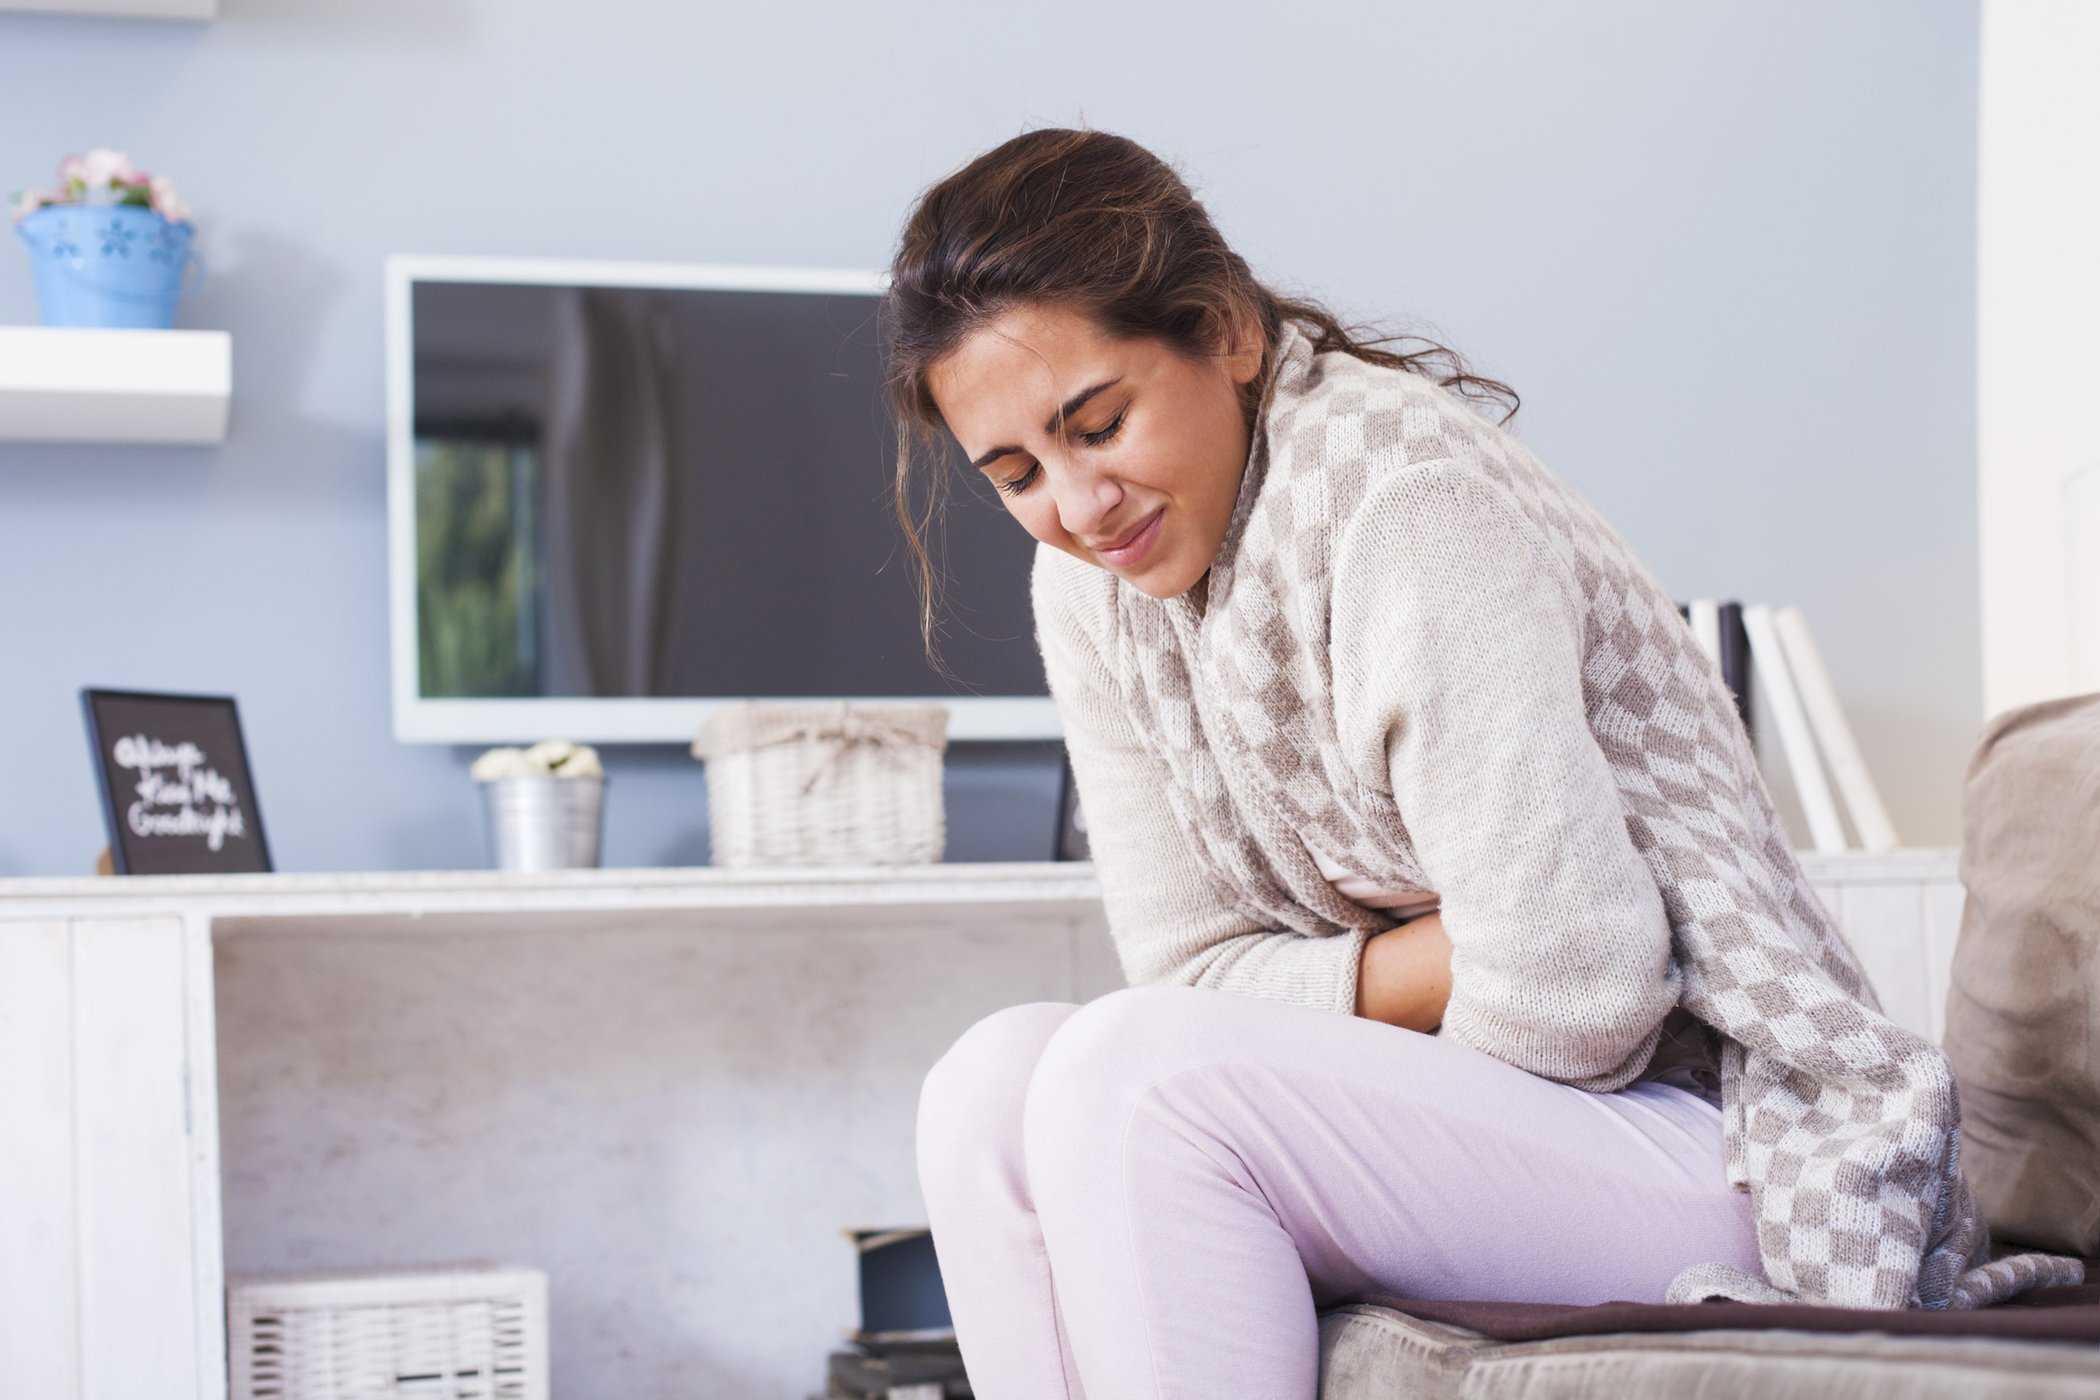 Đau bụng là một trong những triệu chứng của bệnh viêm gan E